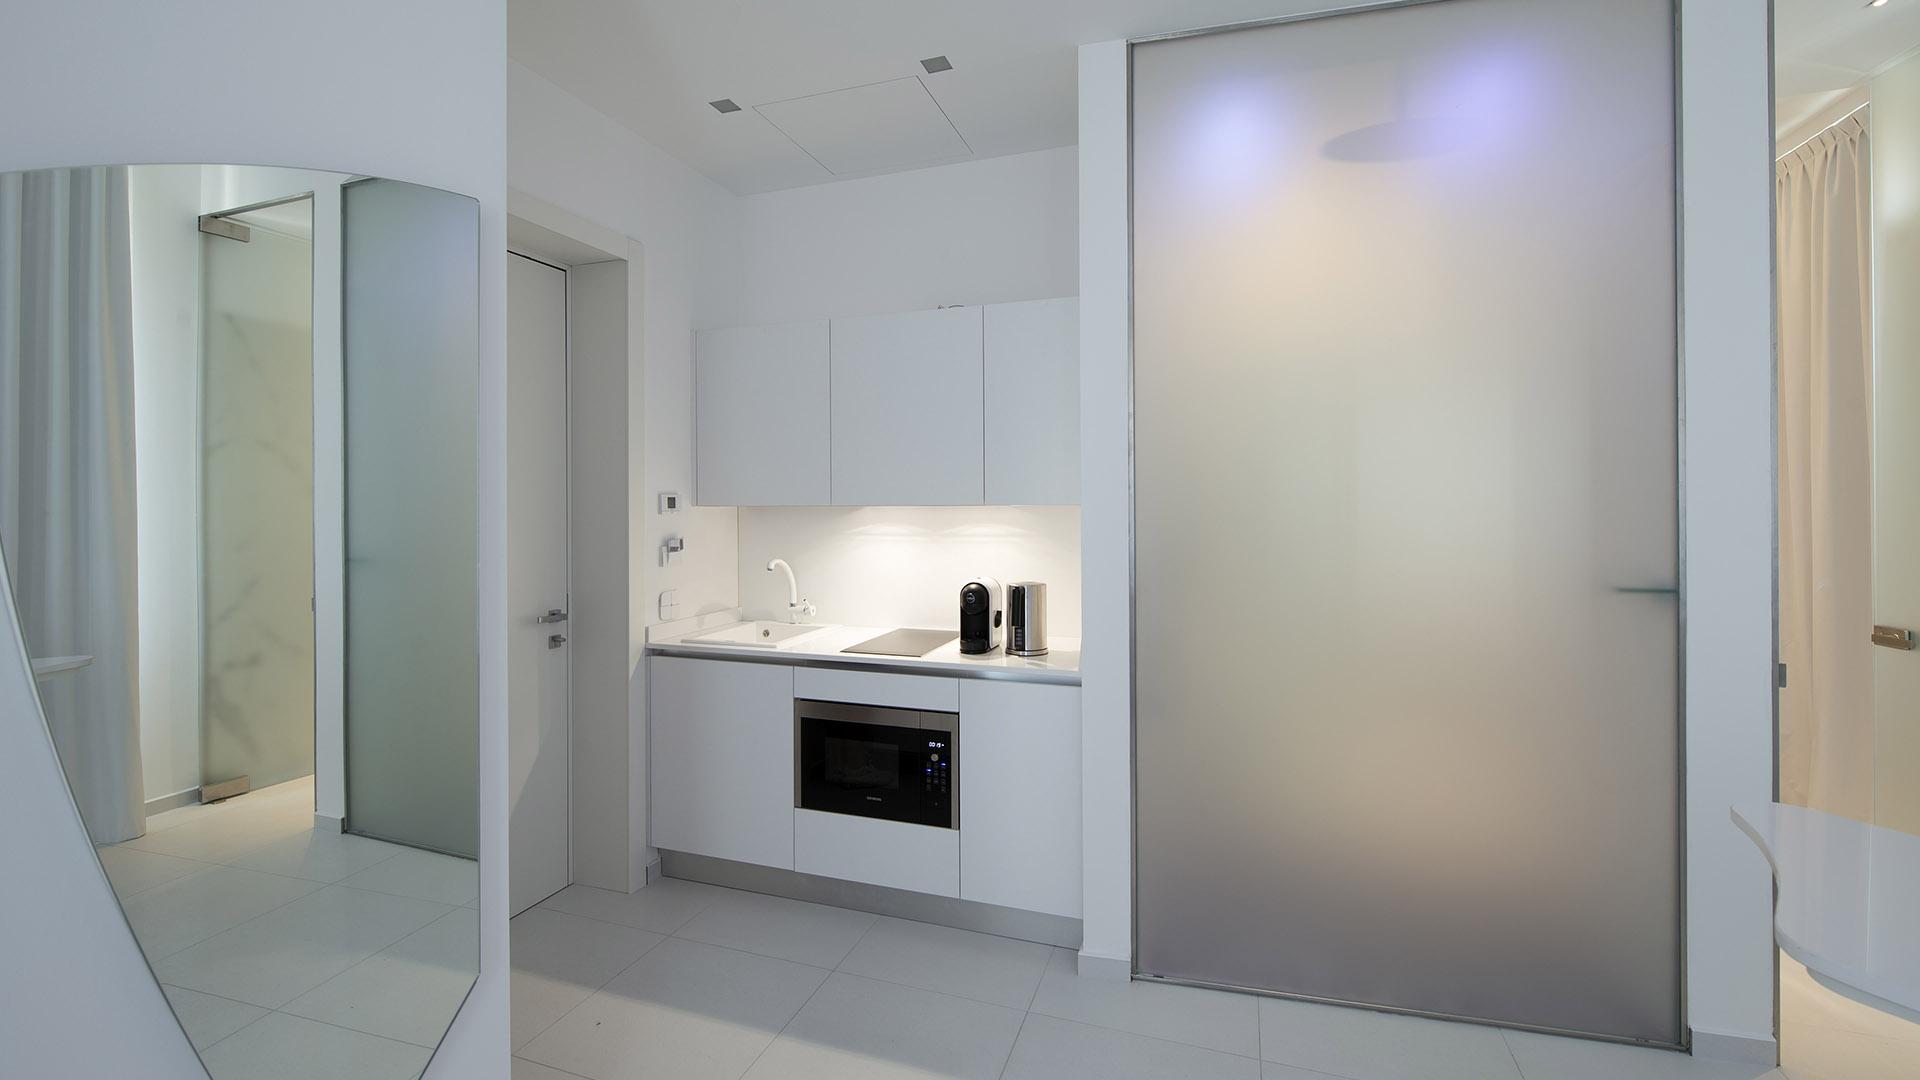 Appartamento di design per vacanza a milano mia aparthotel for Appartamenti design